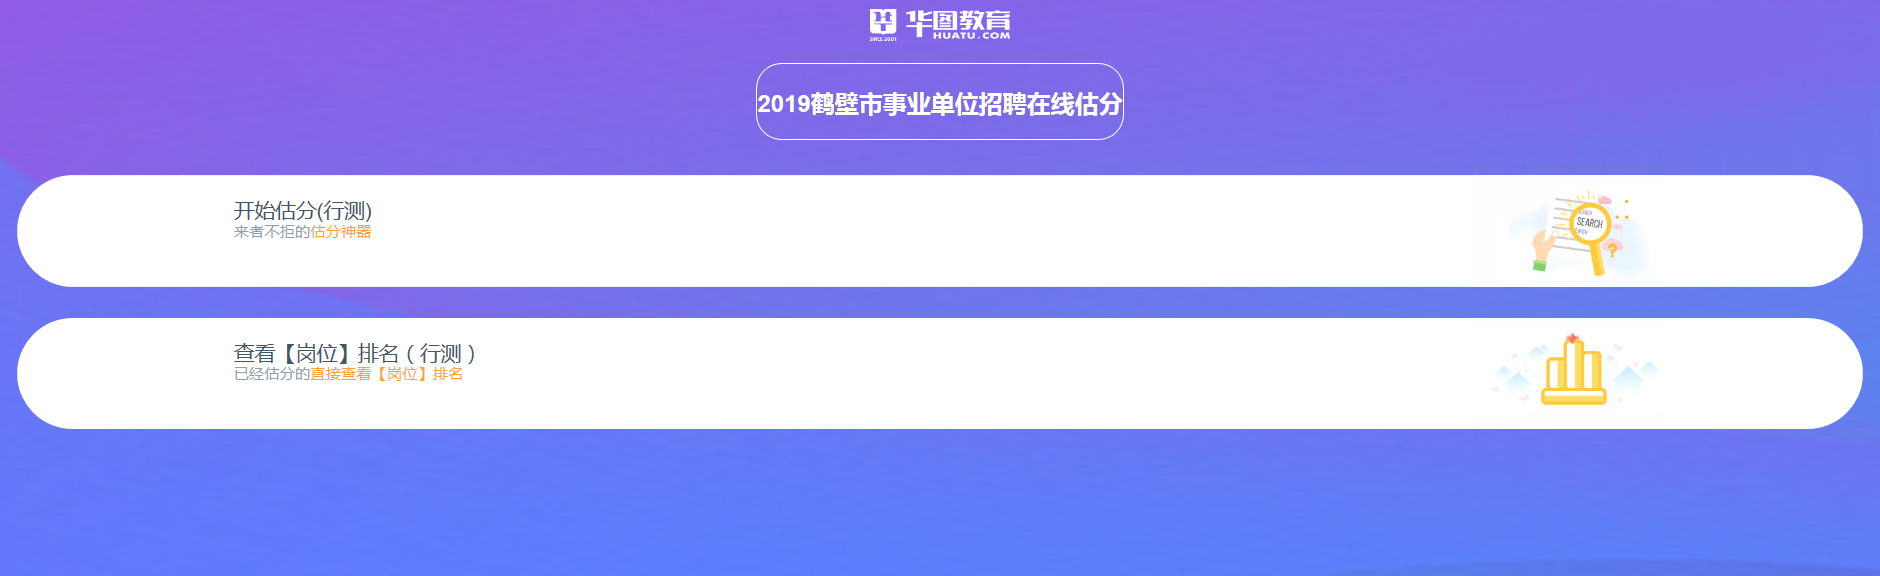 2019鹤壁市事业单位考试在线估分